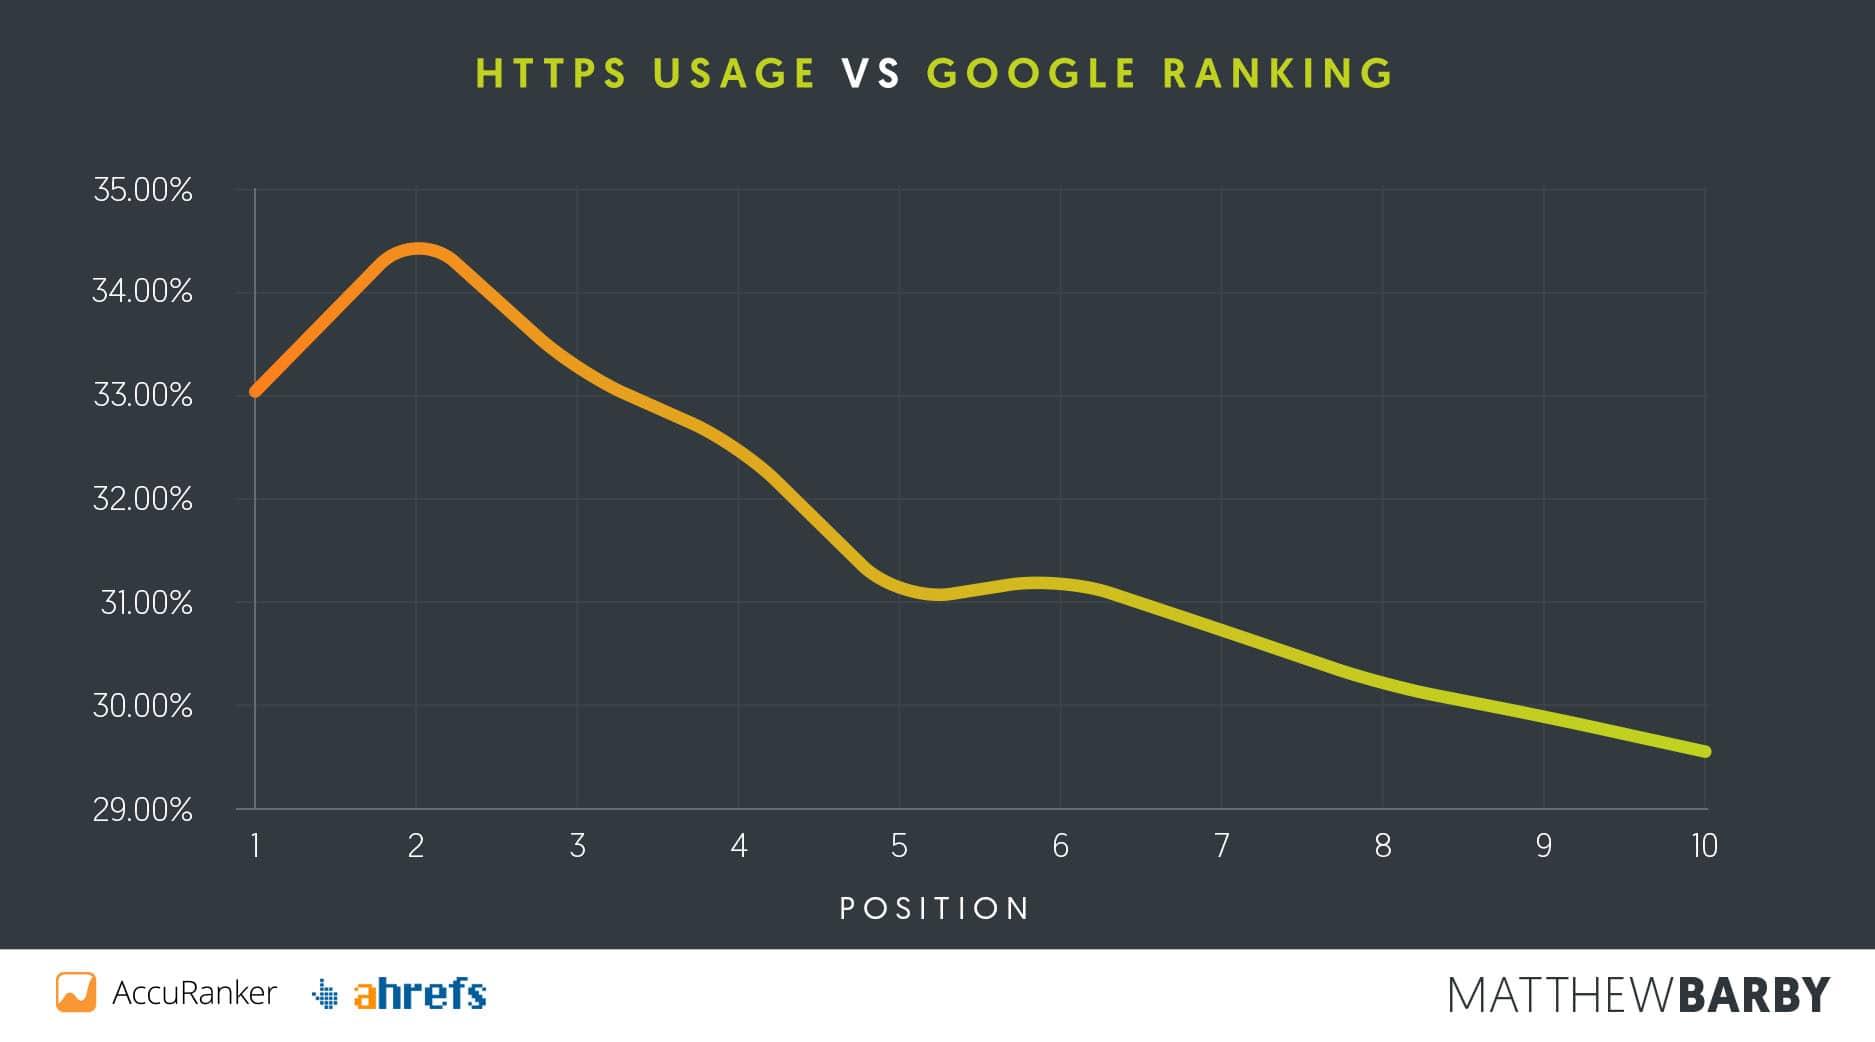 HTTPS-användning vs Google-ranking